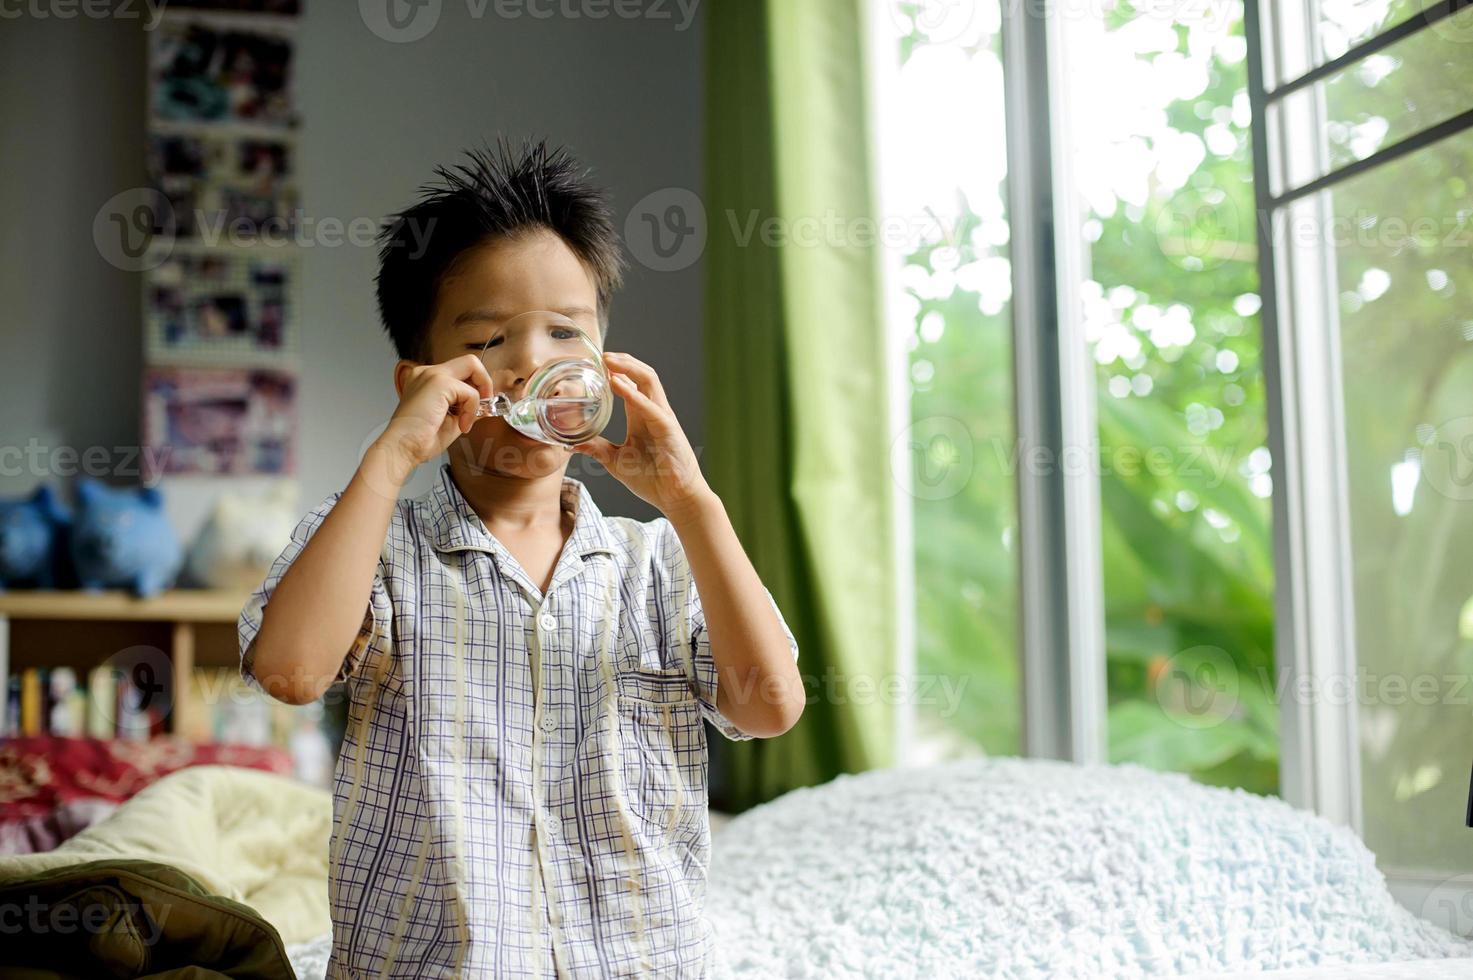 garçon, boire, eau, verre photo